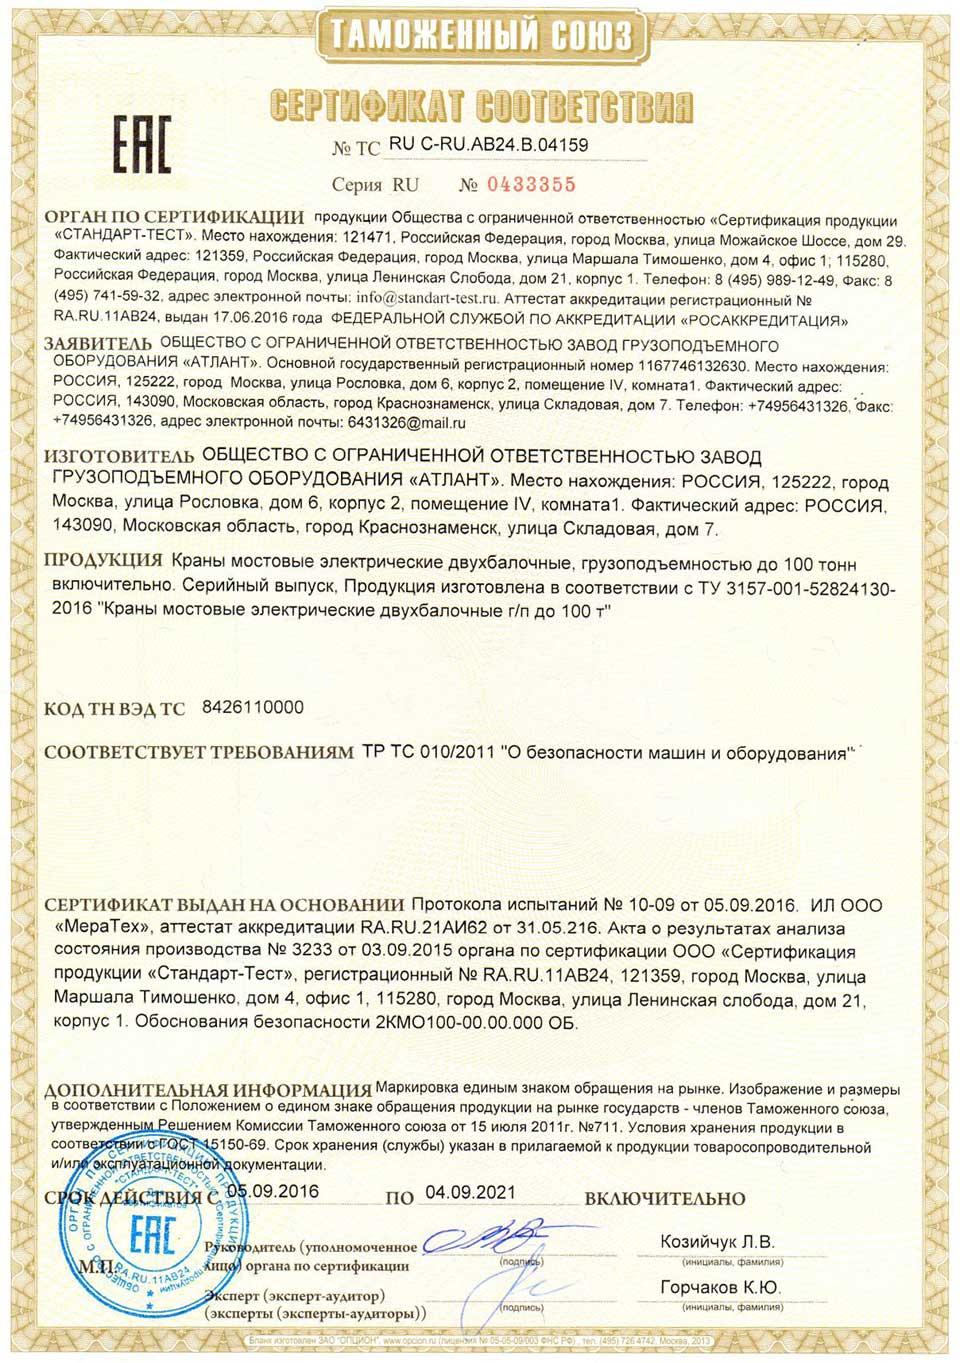 mostovoj sert2 - Кран мостовой специальный клещевой